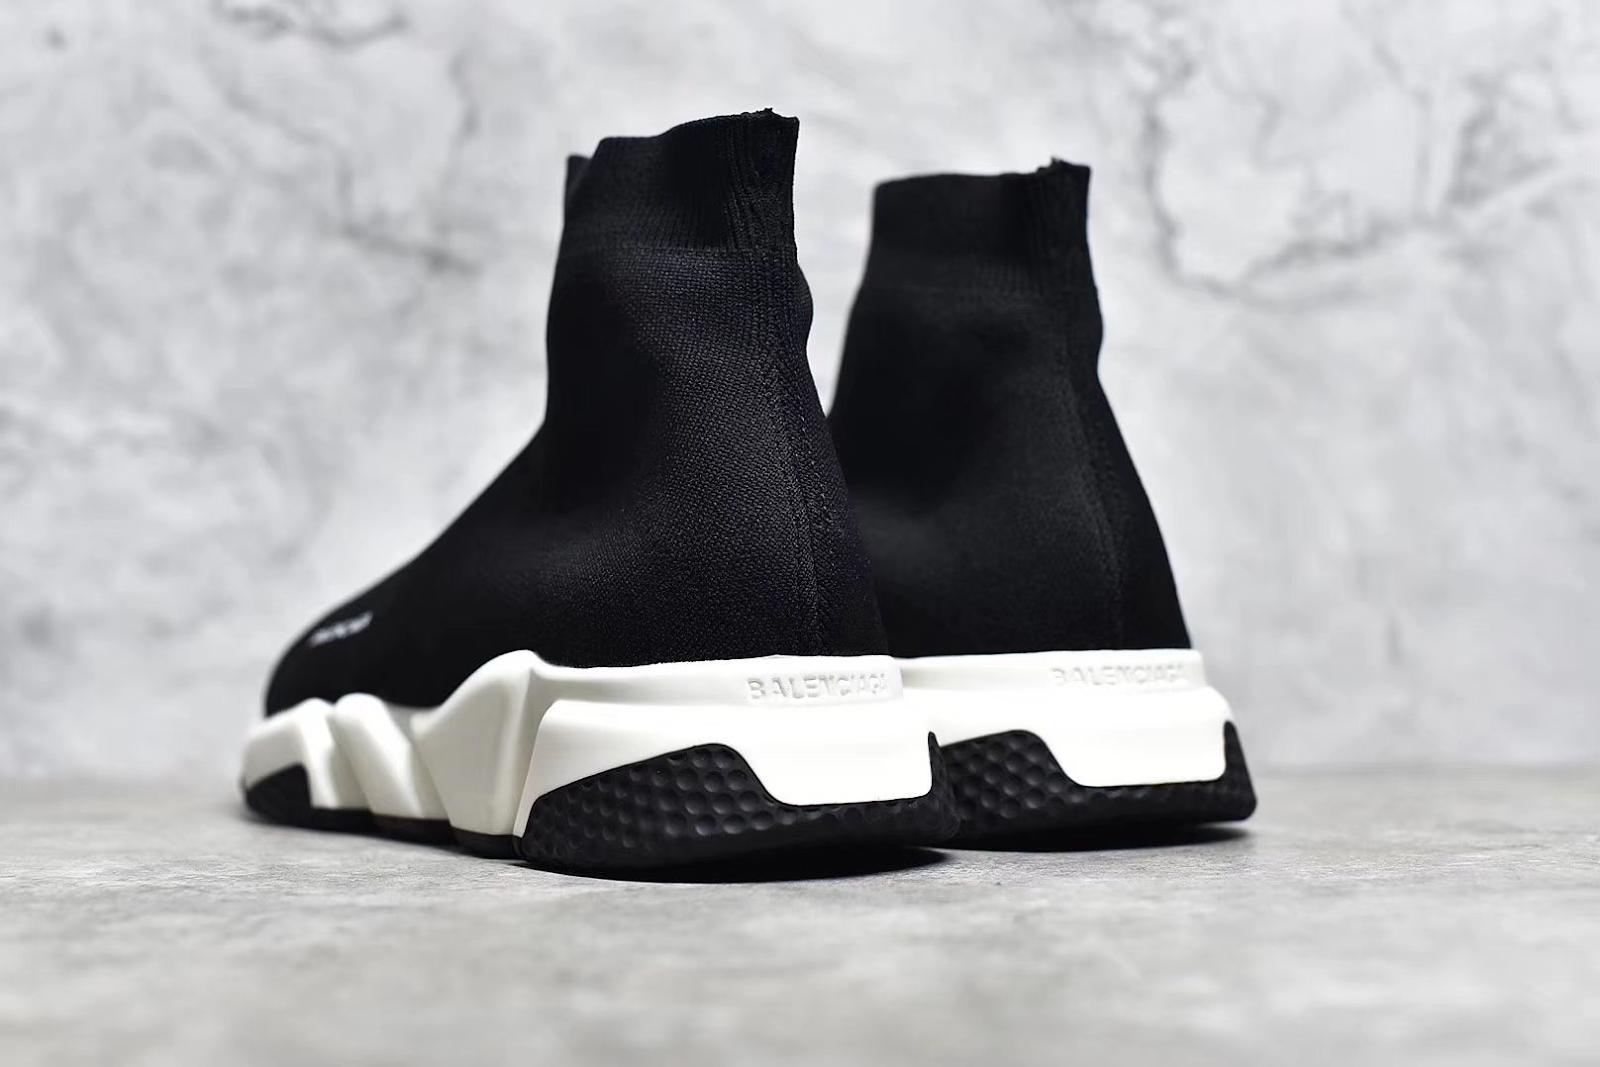 Size giày Balenciaga Speed Trainer về cơ bản giống với mọi dòng sneaker khác